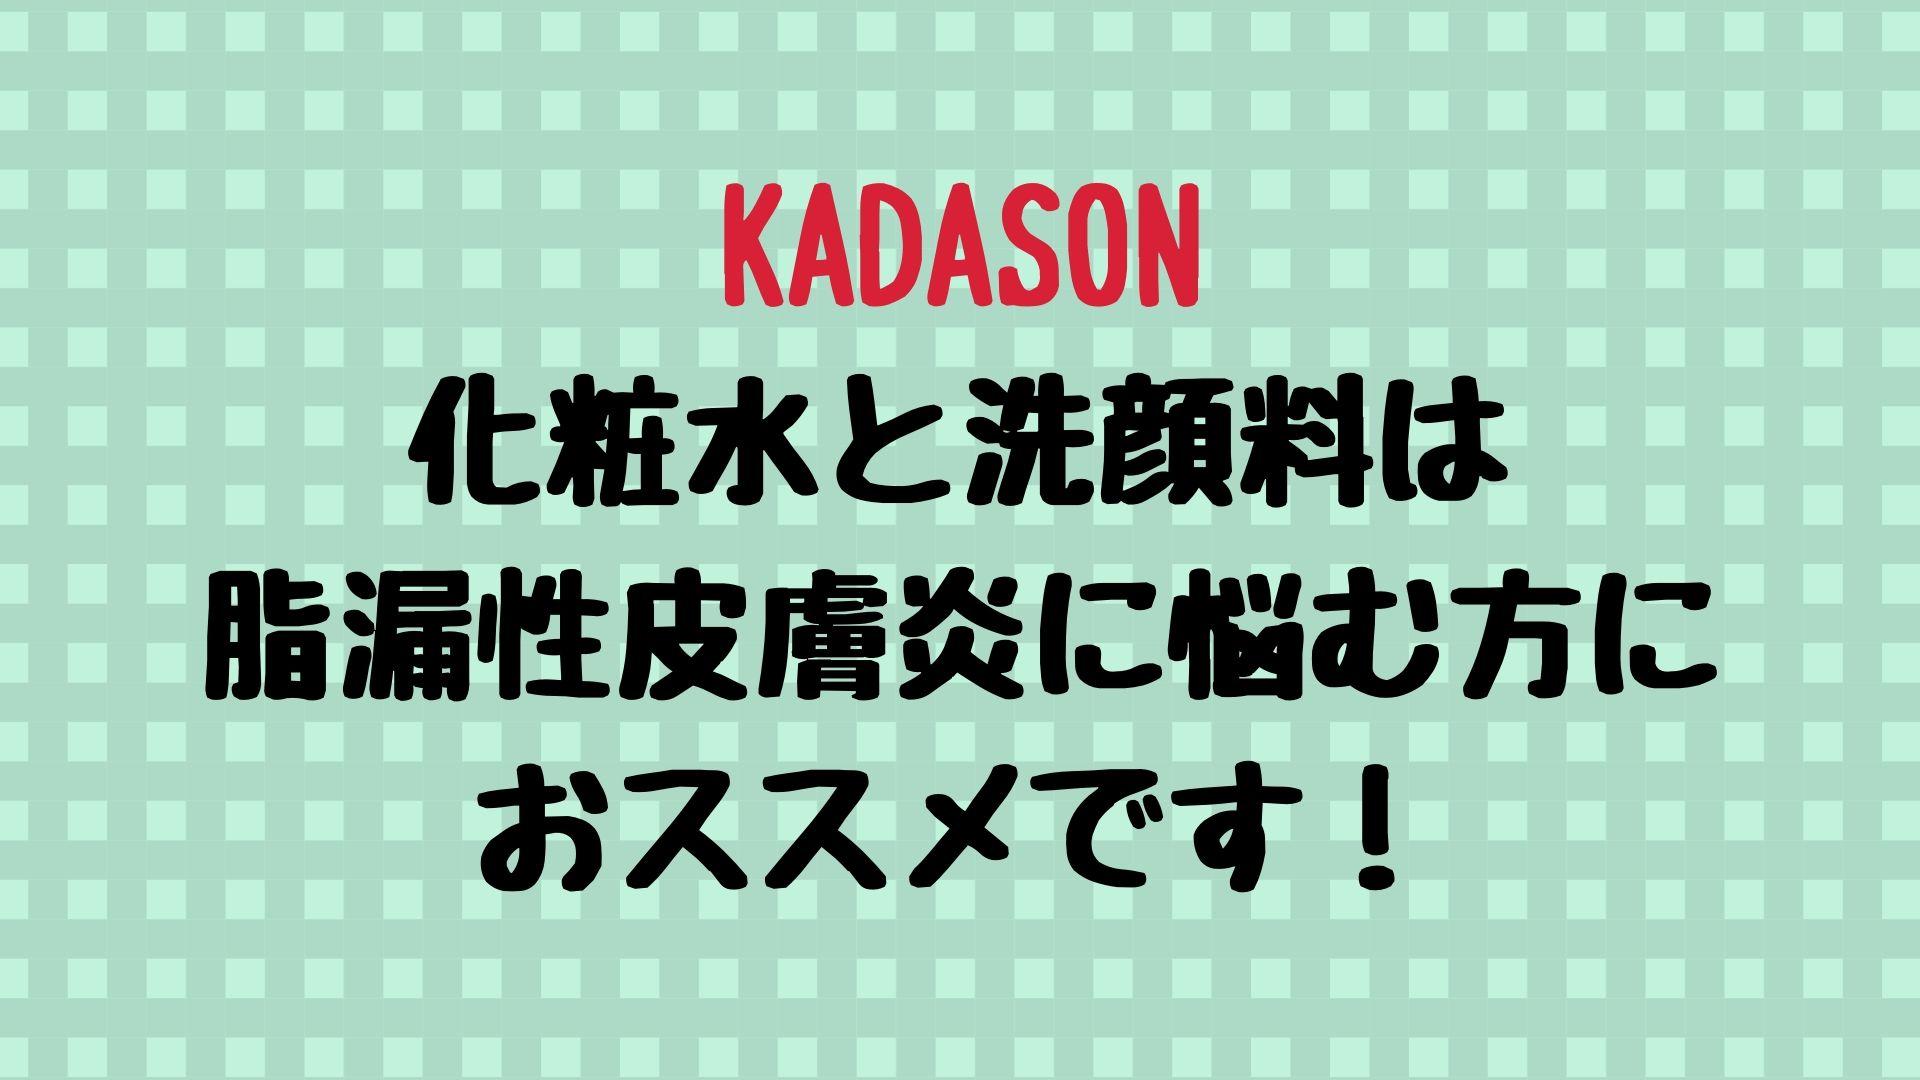 【やはり神】脂漏性皮膚炎にはKADASONの化粧水と洗顔料が効果的でありました。